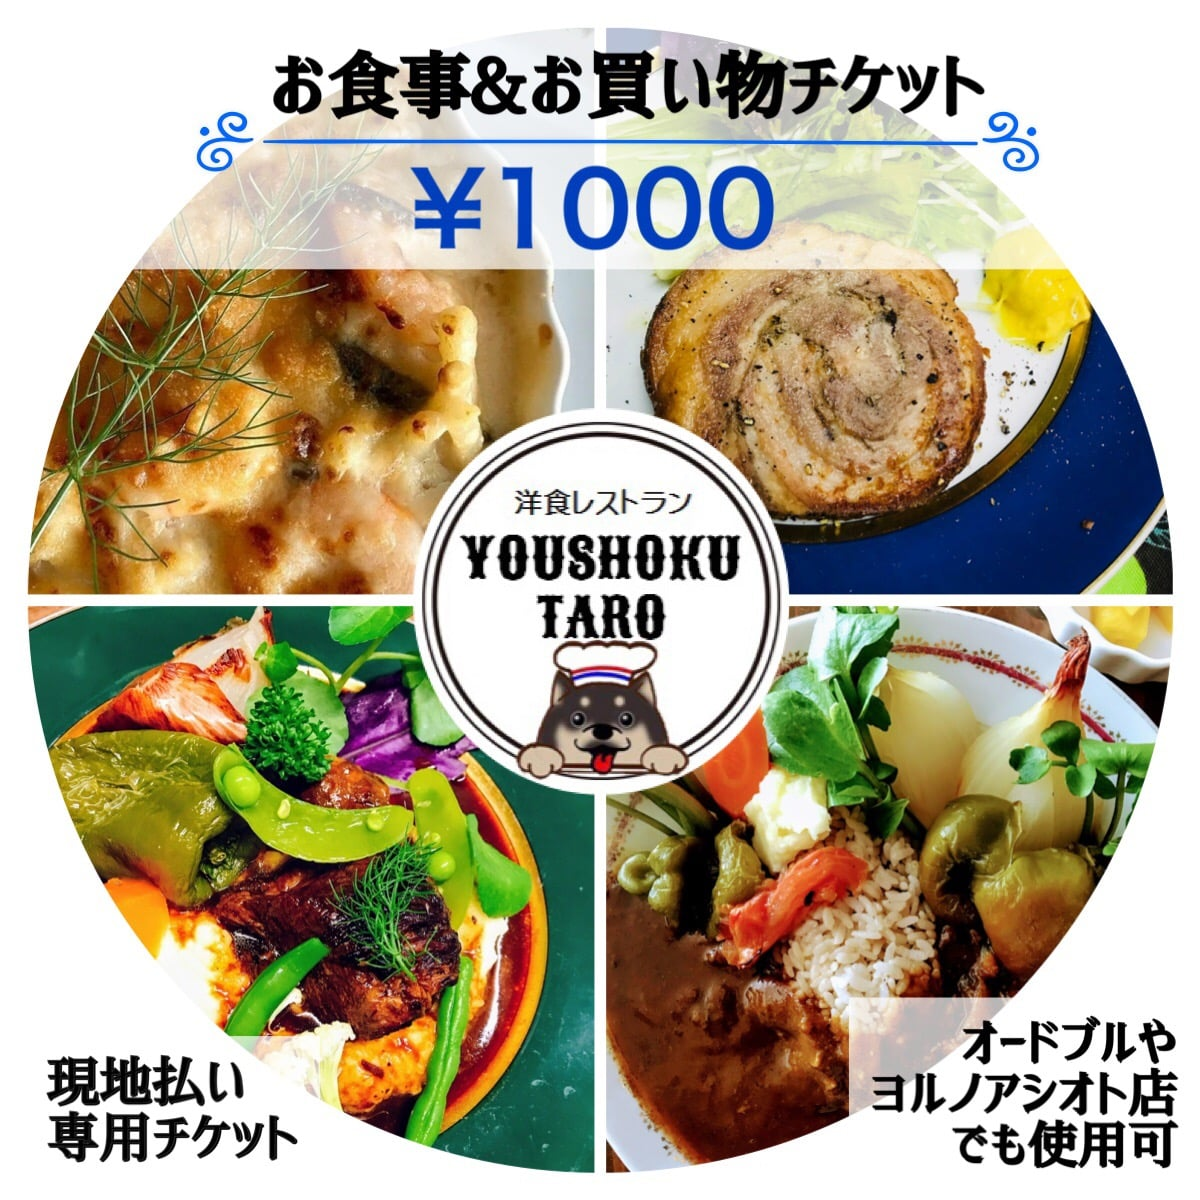 【現地払い専用】1,000円お食事チケットのイメージその1